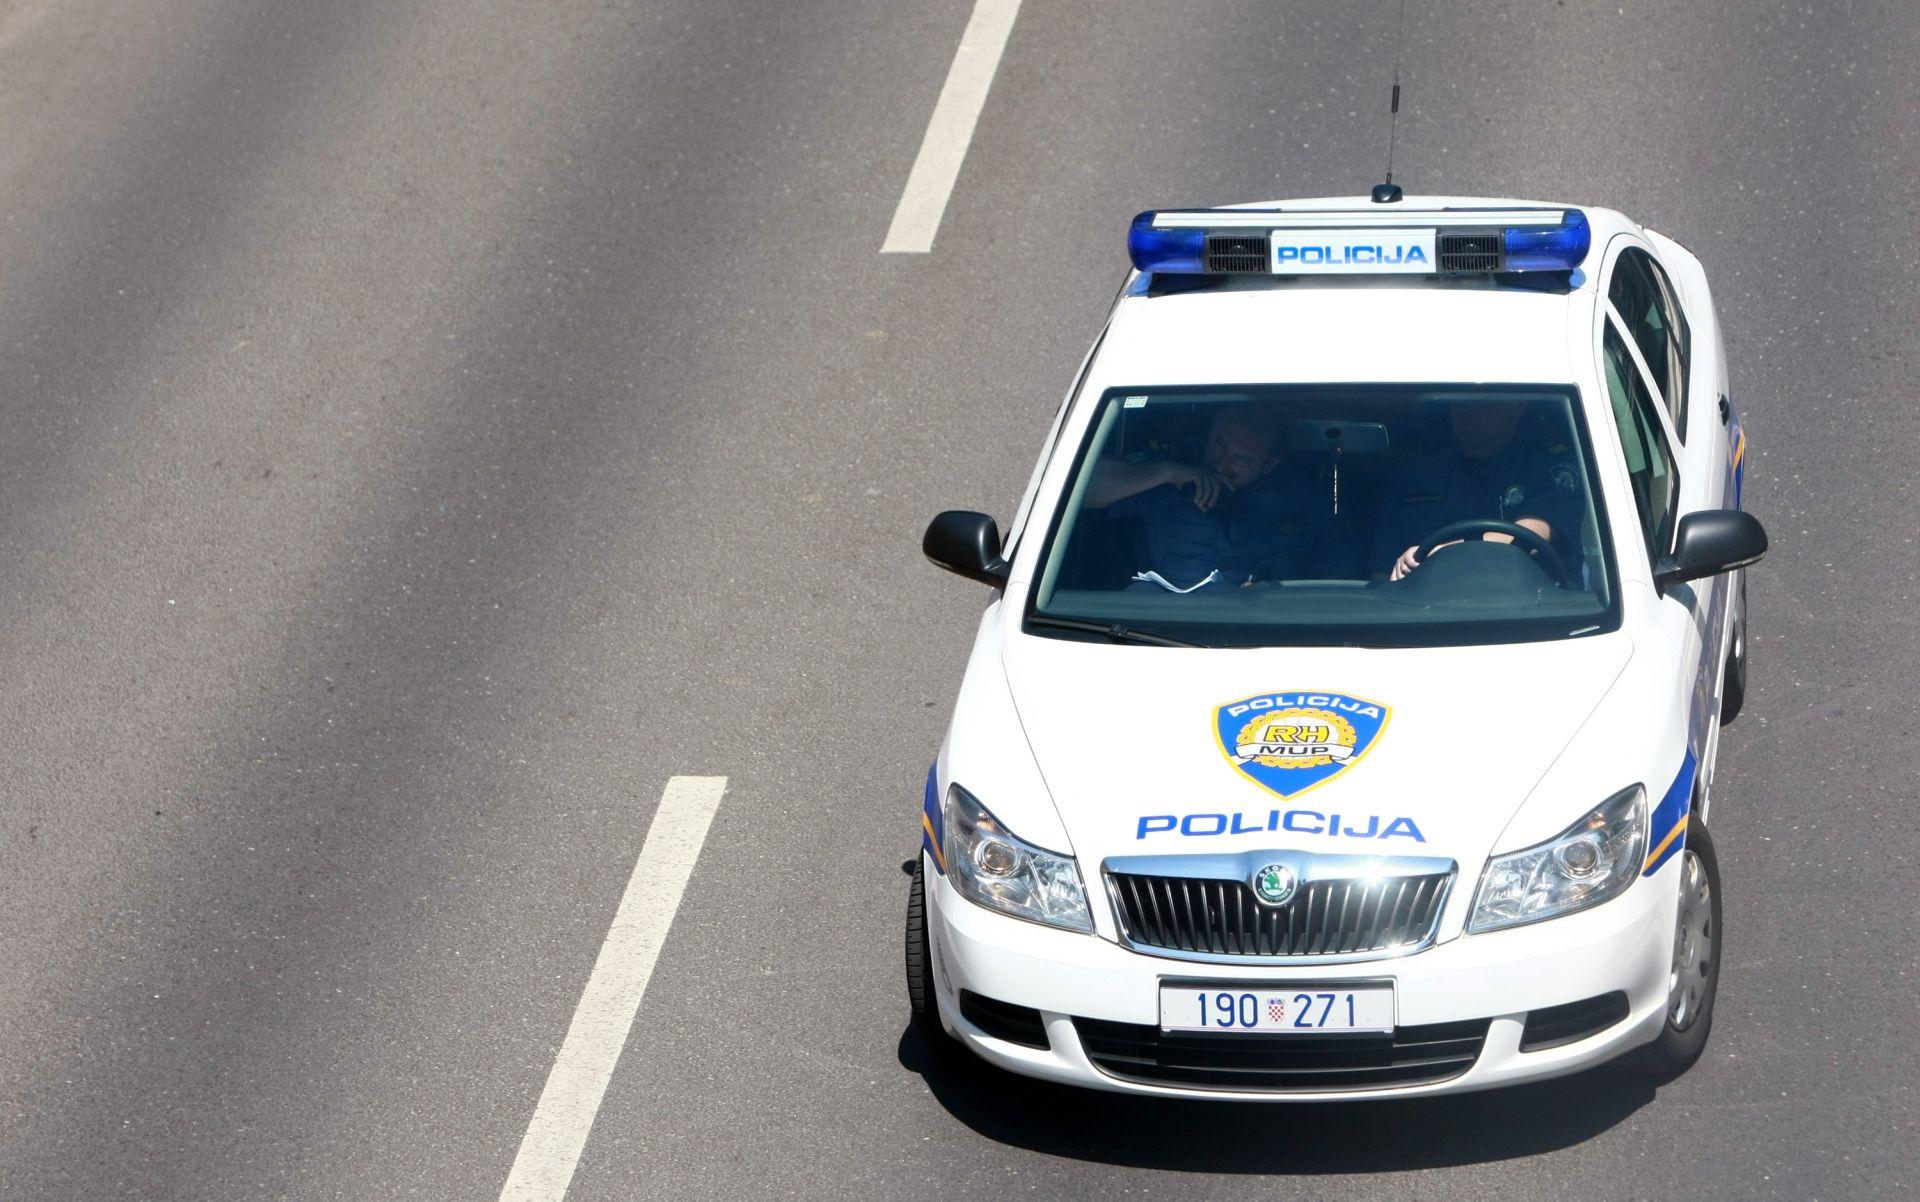 OČEVID U TIJEKU Motociklist poginuo kod graničnog prijelaza Zaton Doli